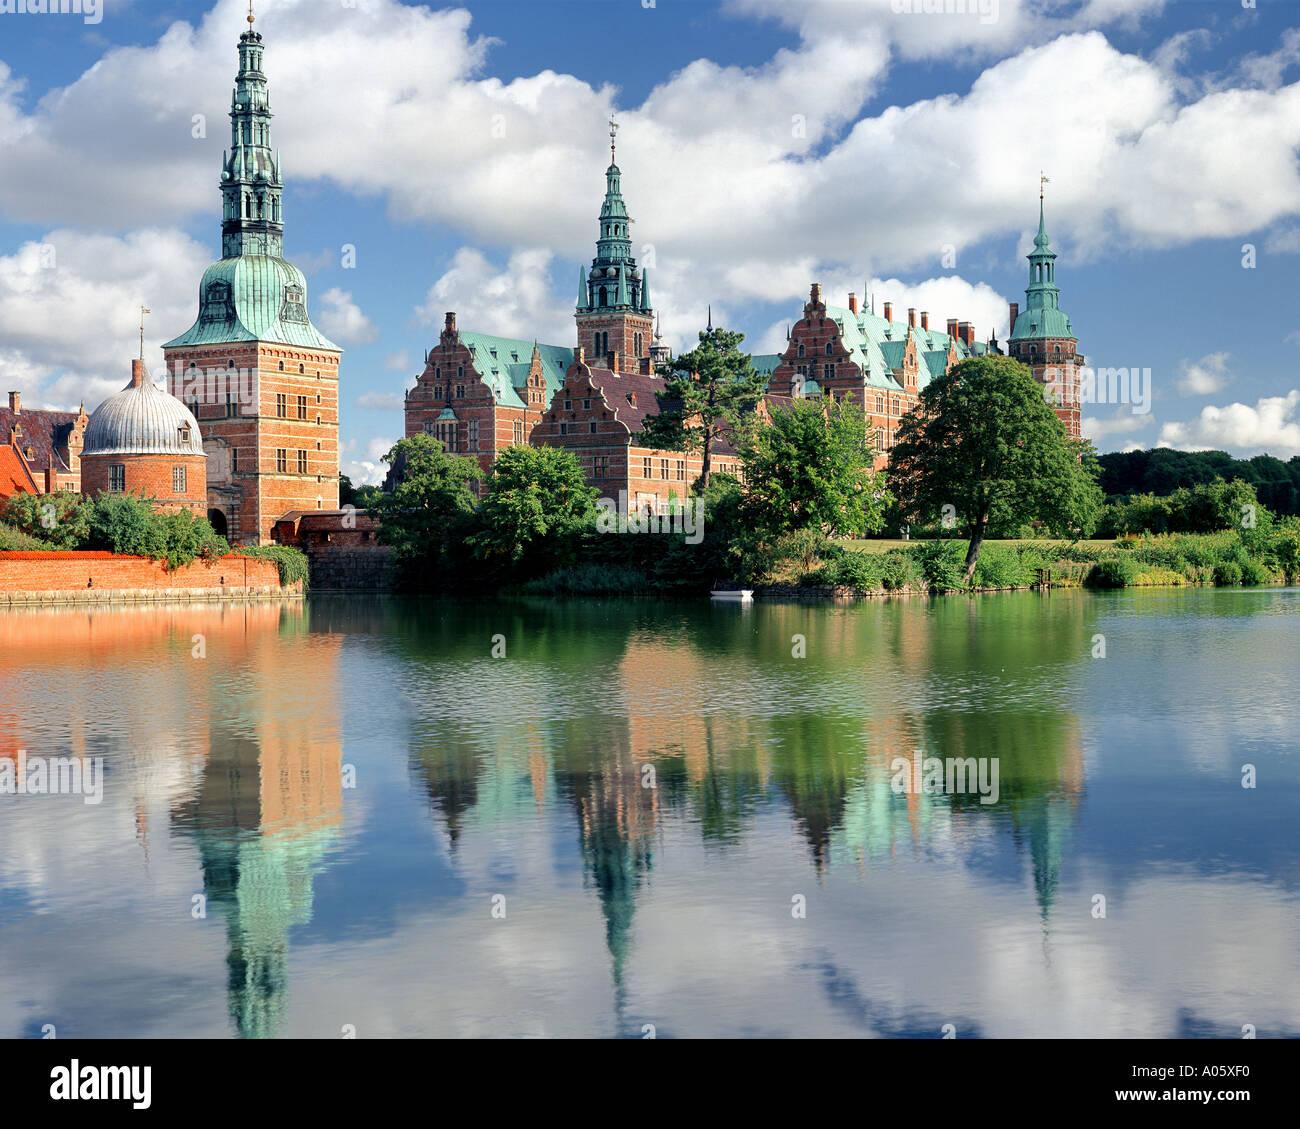 DK - ZEALAND: Frederiksborg Castle at Hillerod - Stock Image